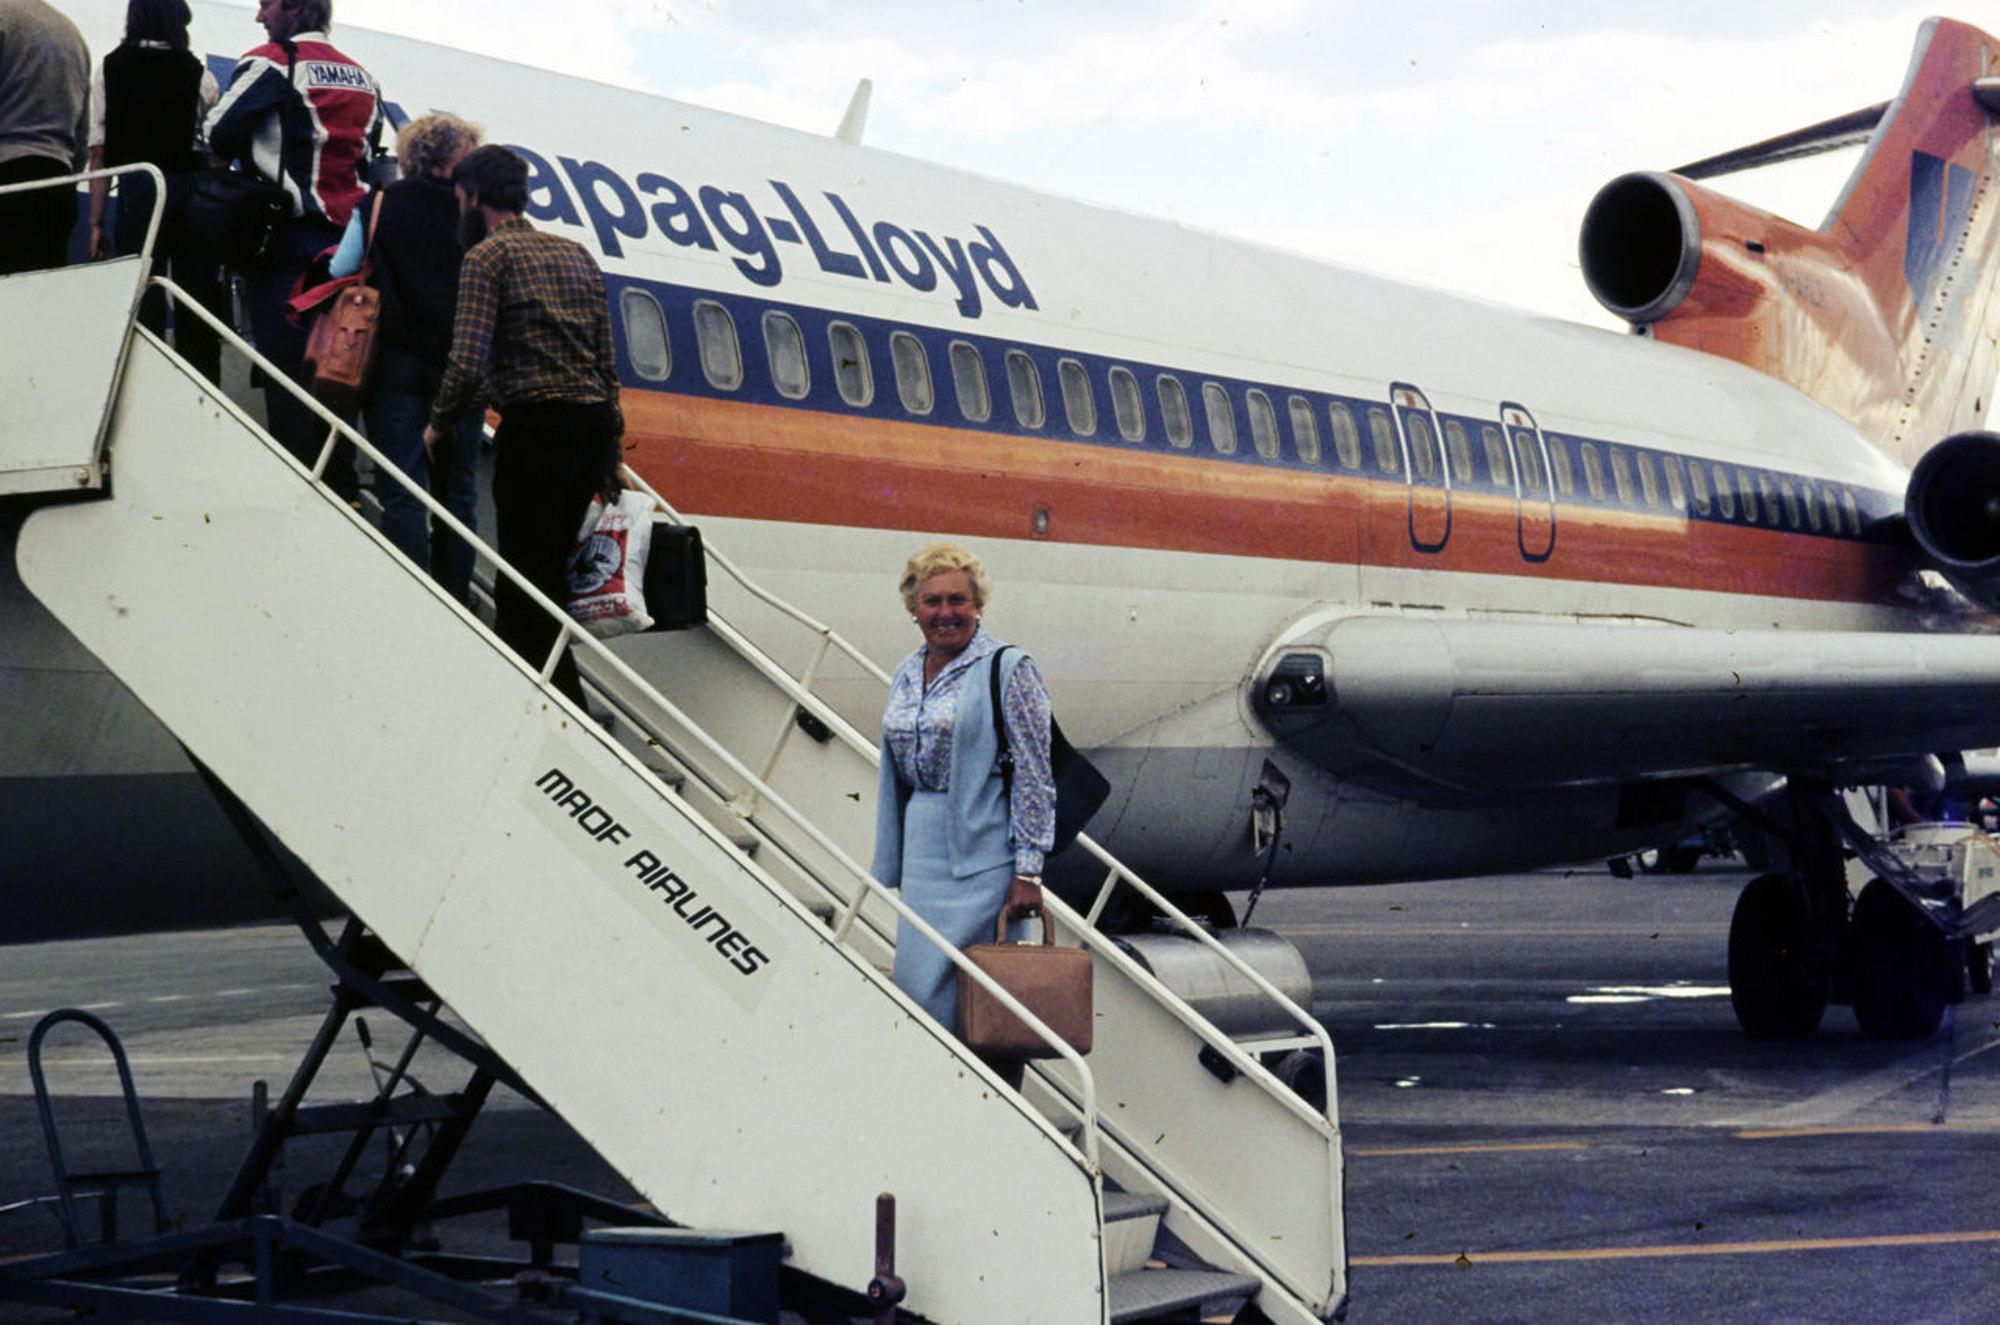 Frau auf Gangway zum Flugzeug dreht sich um und lächelt den Fotografen an. Flugzeug mit Hapag-Lloyd-Beschriftung.